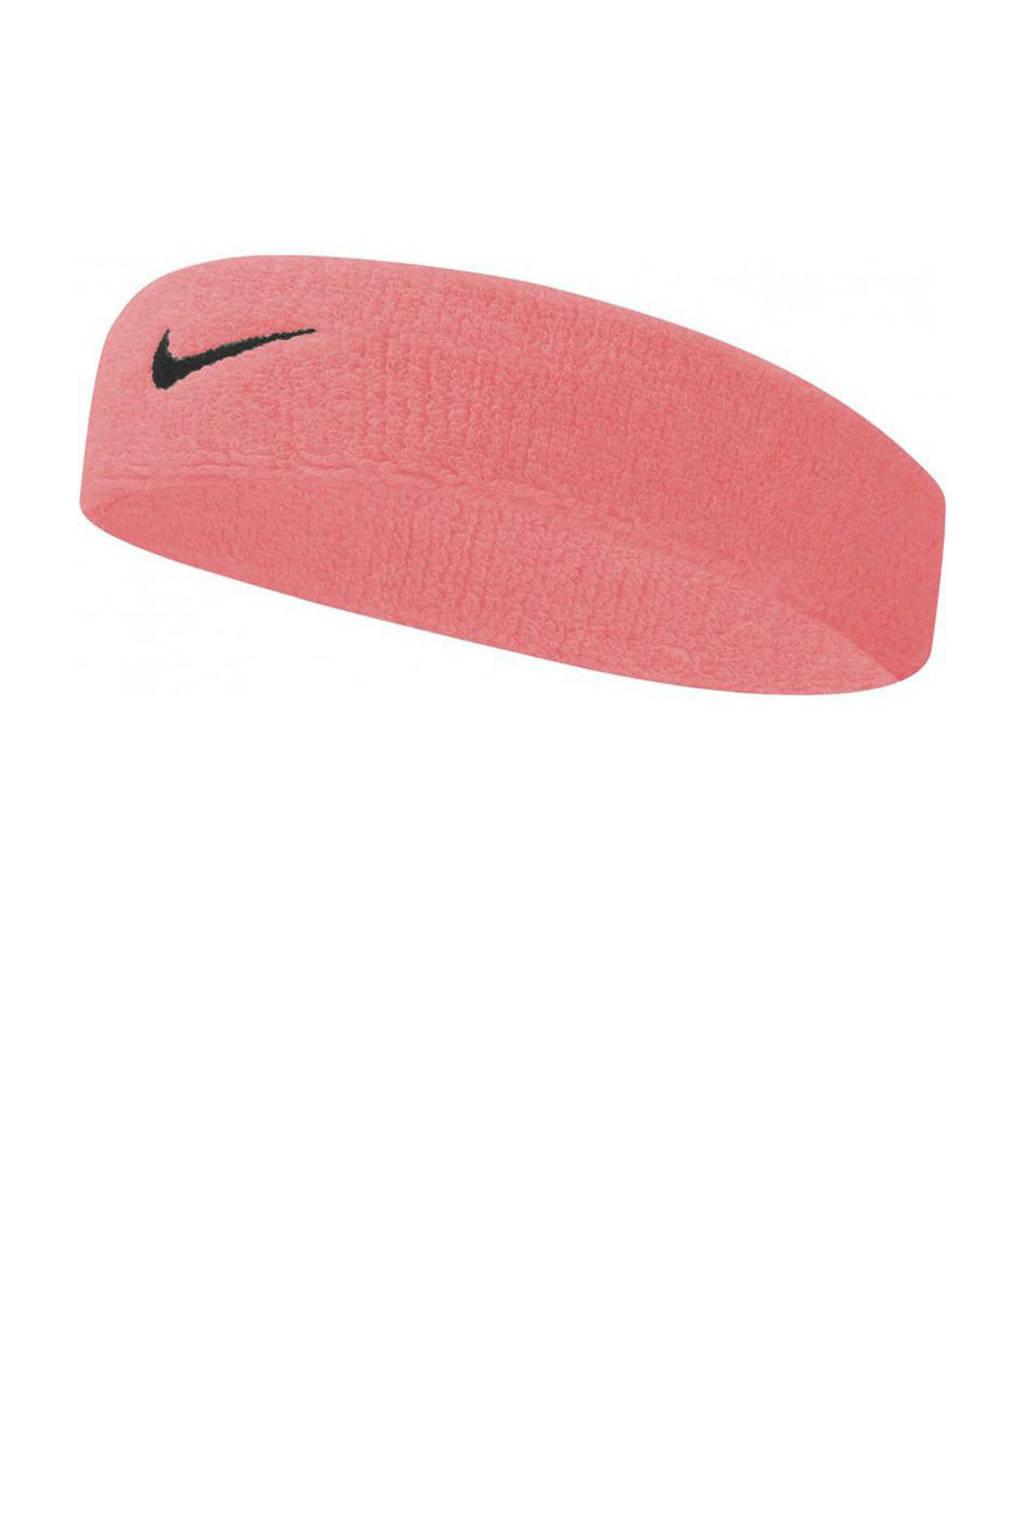 Nike   hoofdband fuchsia, Fuchsia